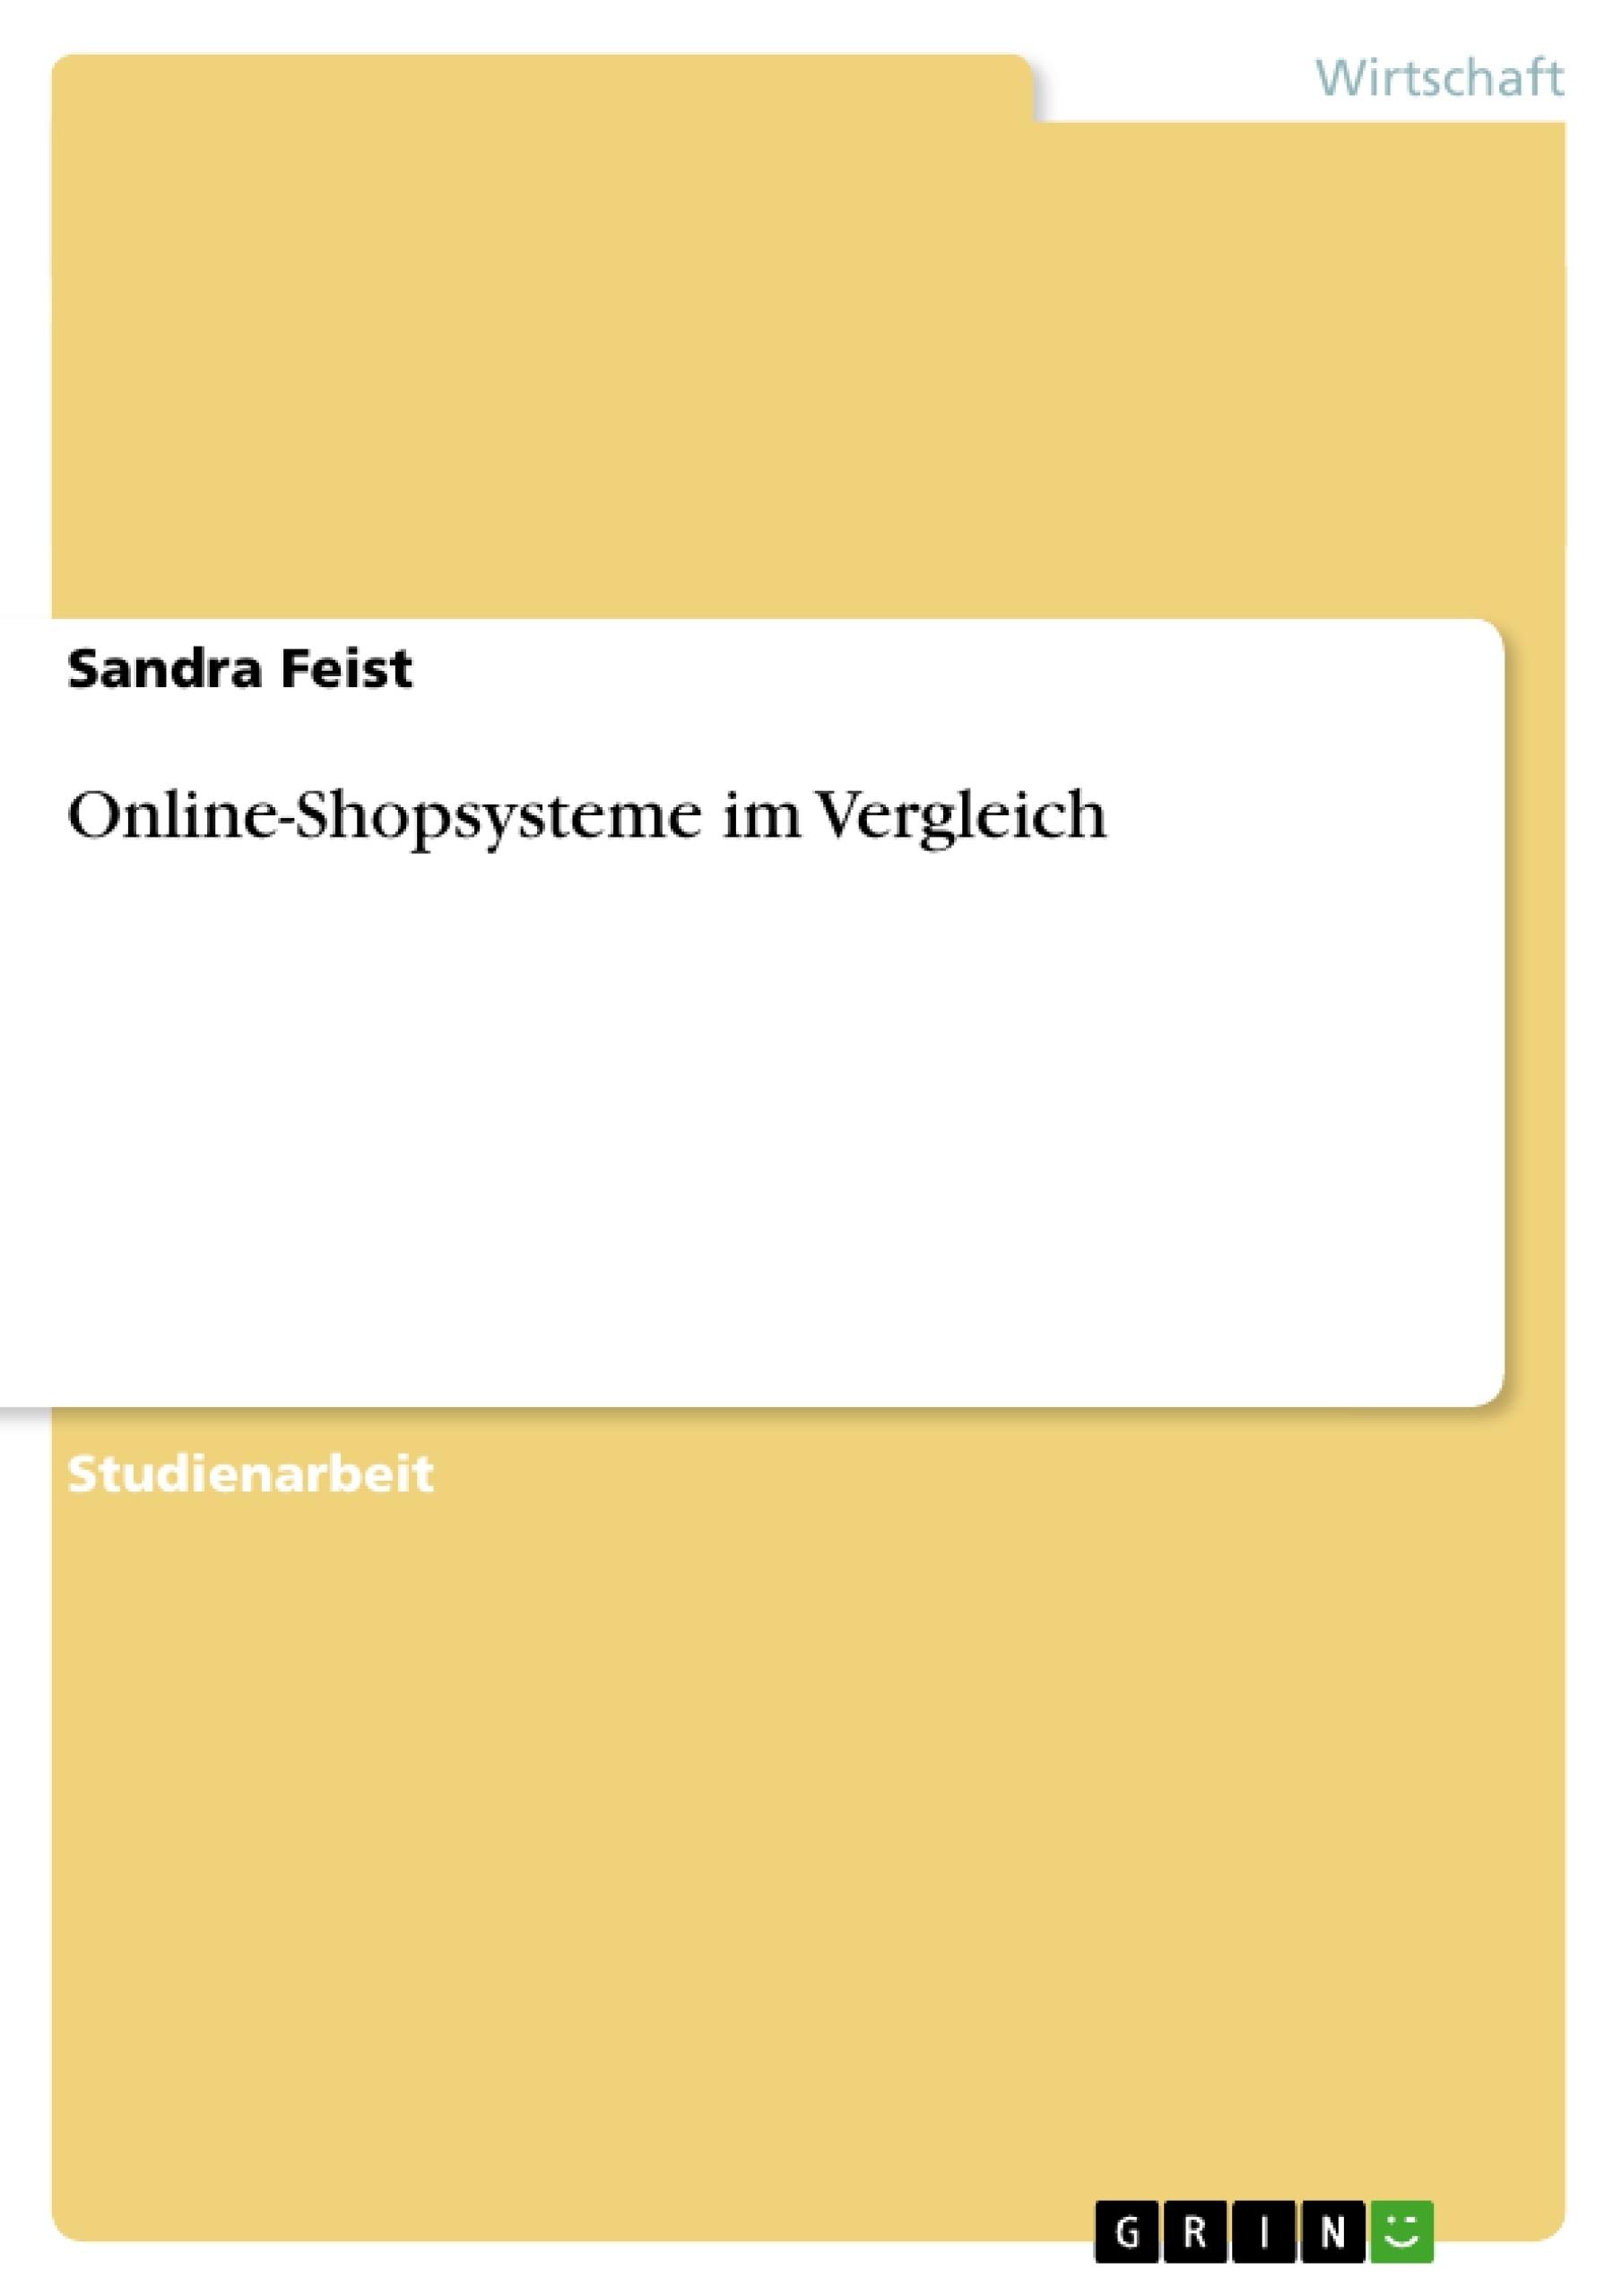 Titel: Online-Shopsysteme im Vergleich